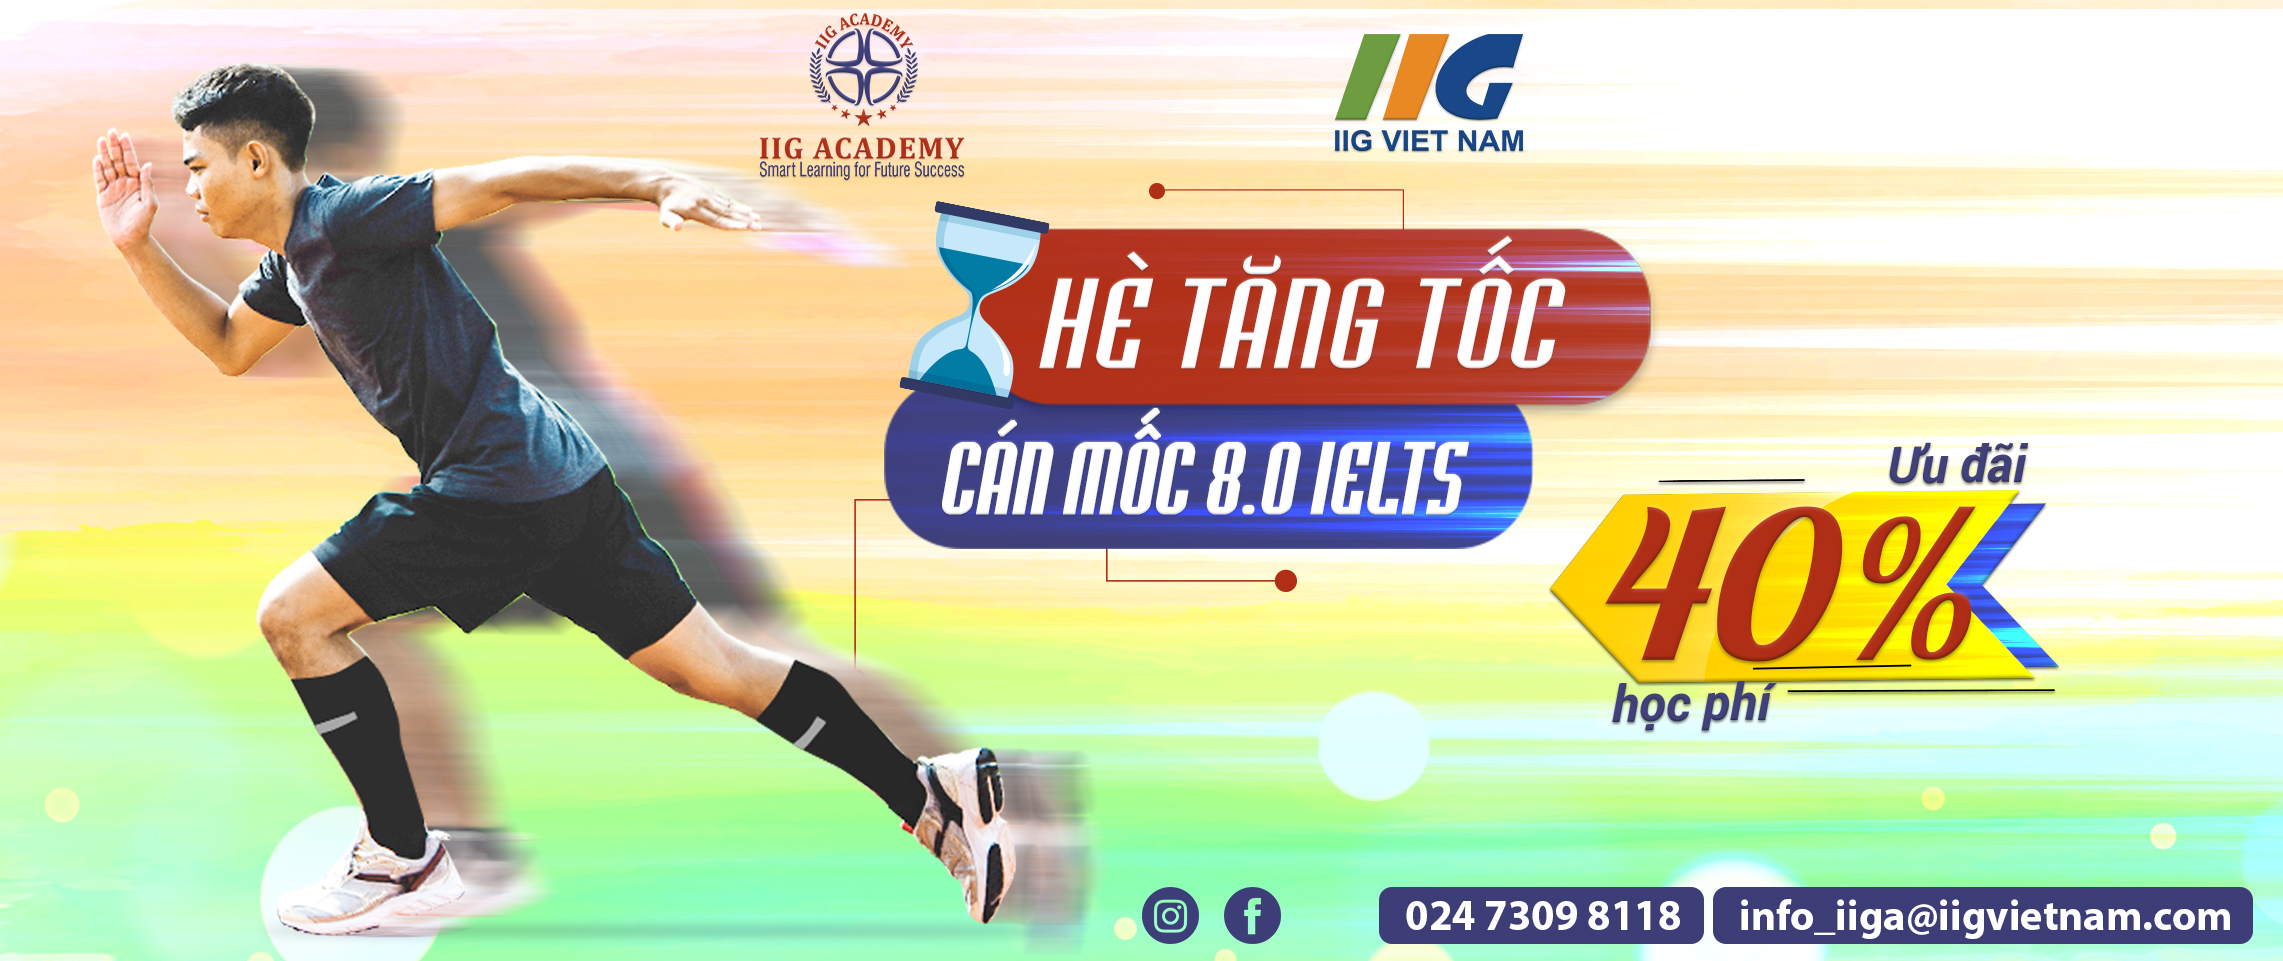 HÈ TĂNG TỐC - CÁN MỐC 8.0 IELTS